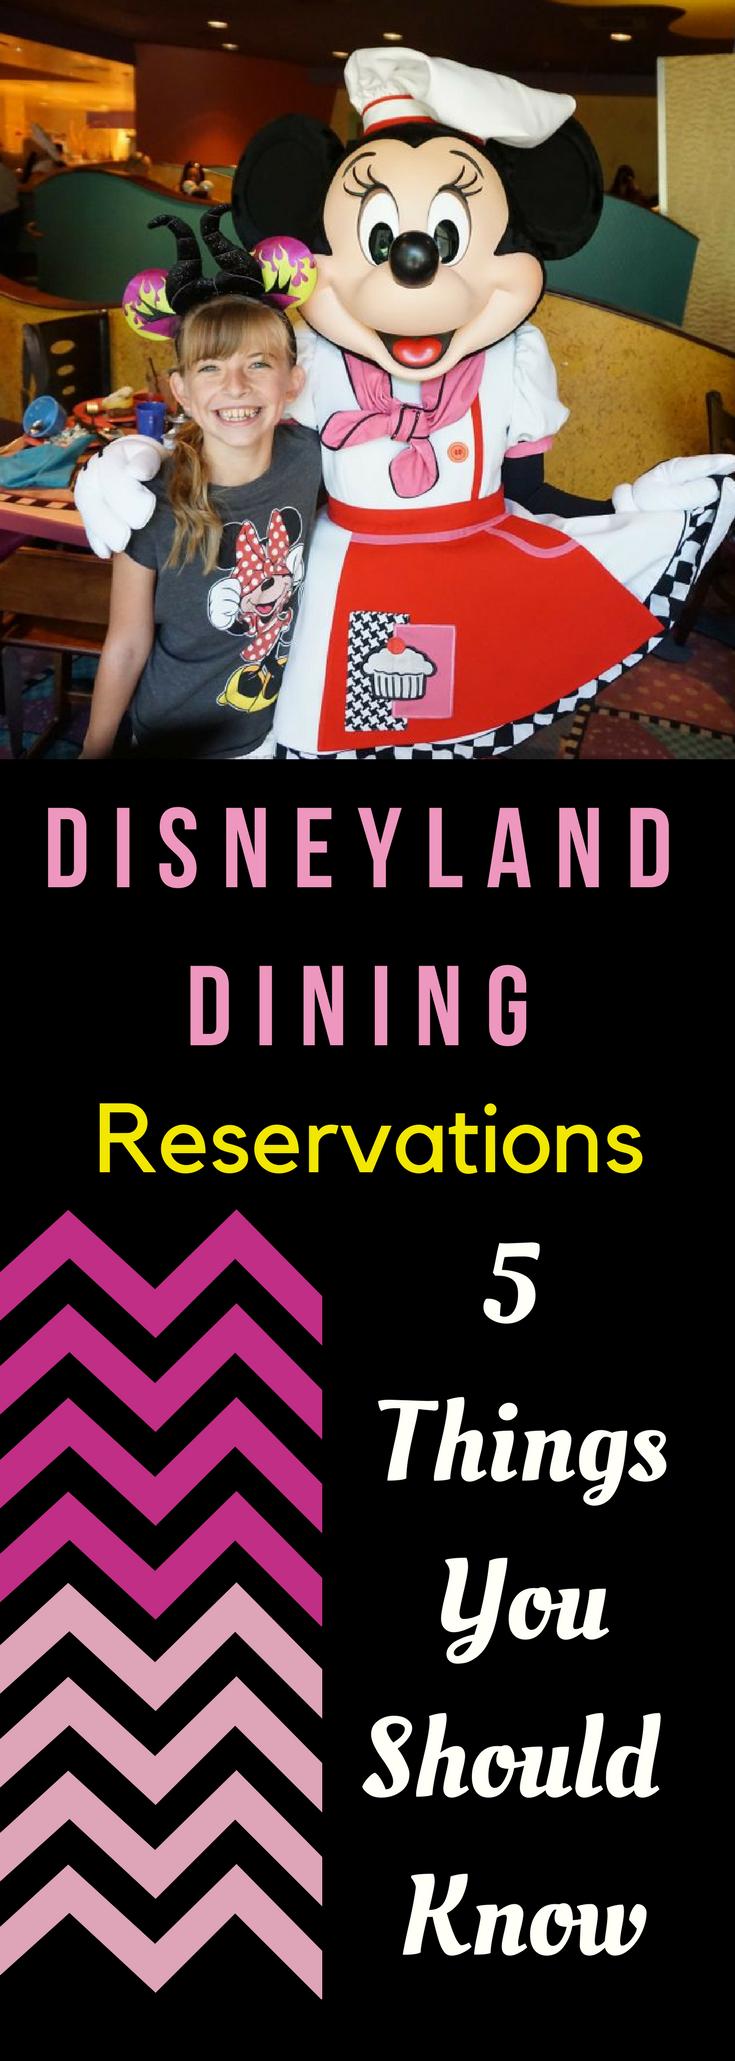 Photo of Disneyland Dining Reservations 5 Dinge, die Sie wissen sollten!